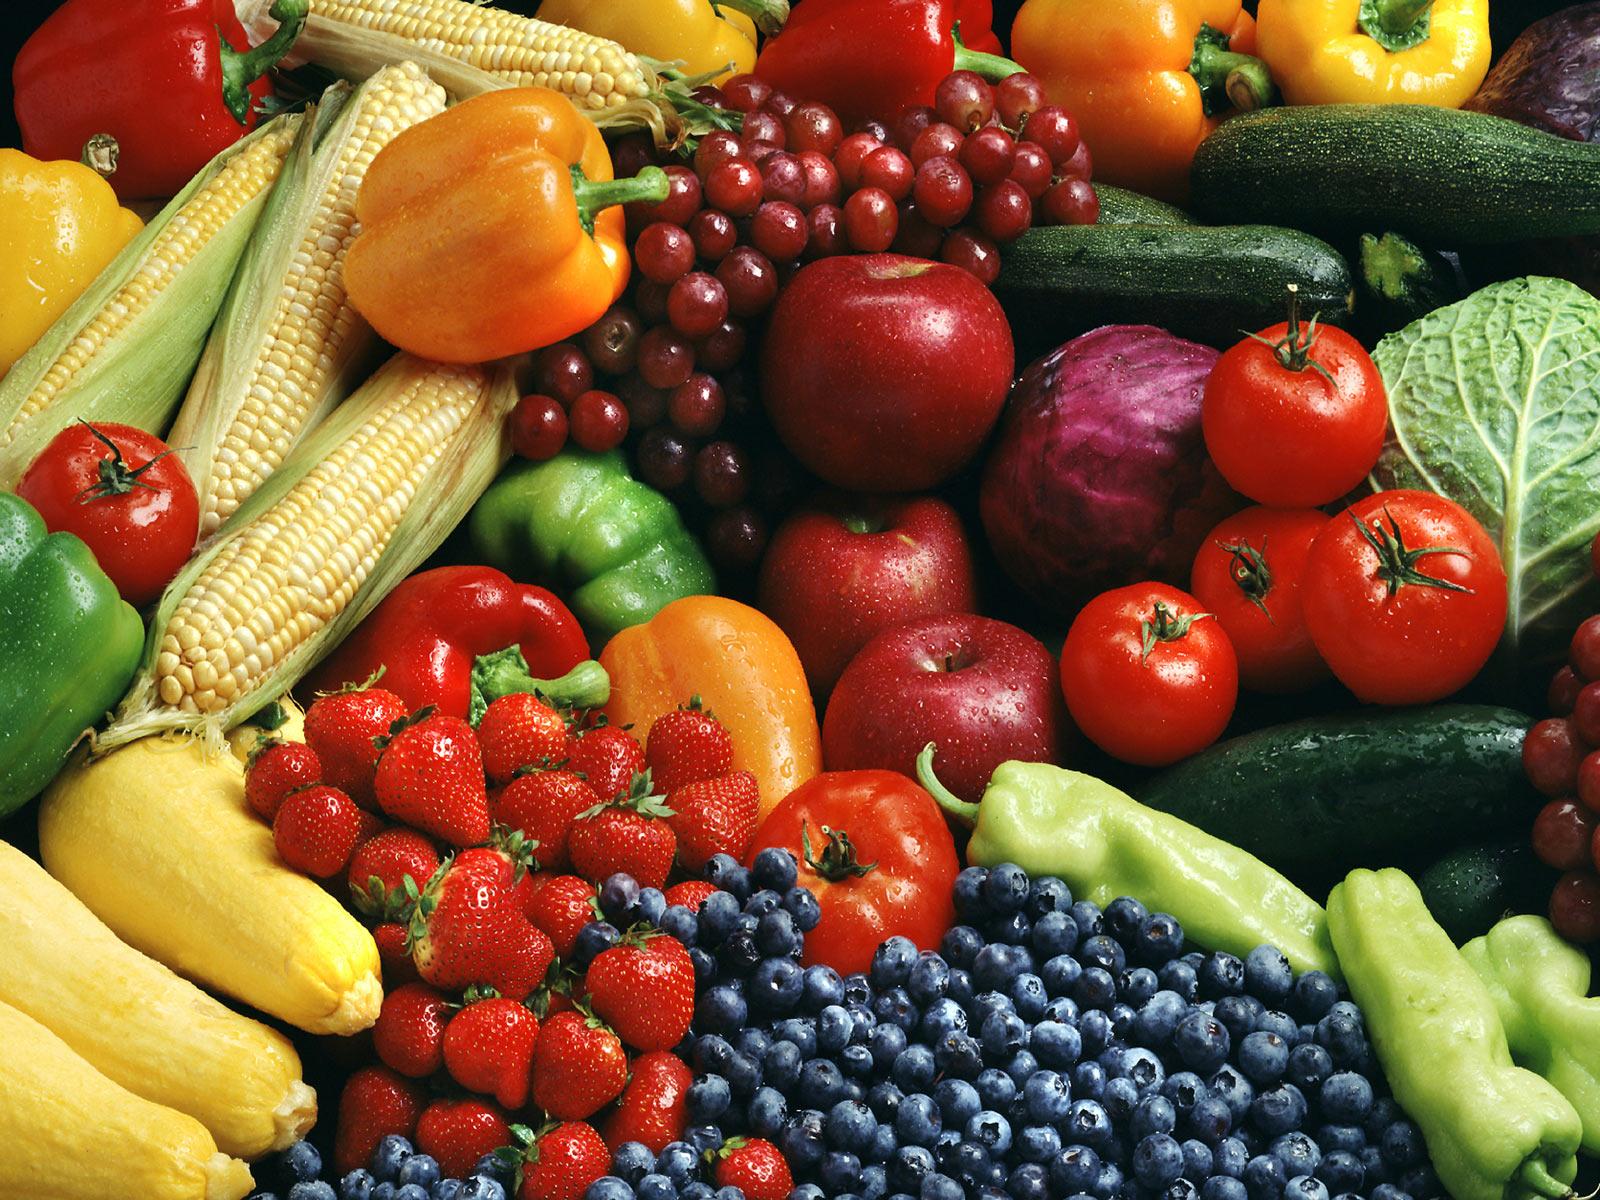 fresh-fruits-vegetables.jpg